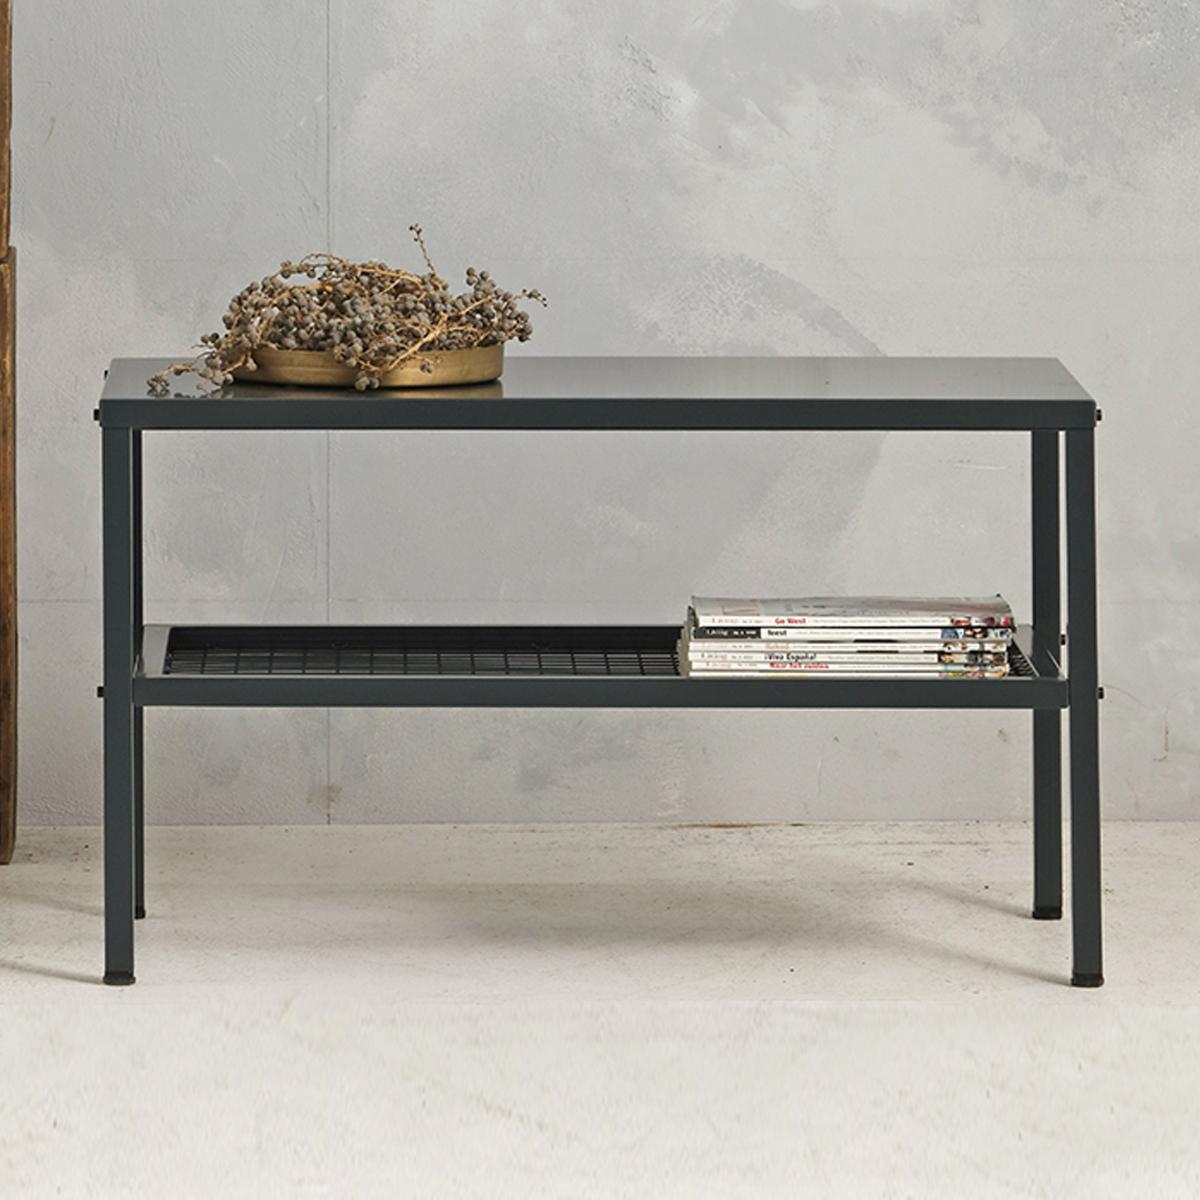 Metalen tafel industrieel - antraciet - 50.2x85.3x44,5 cm - LCS-110